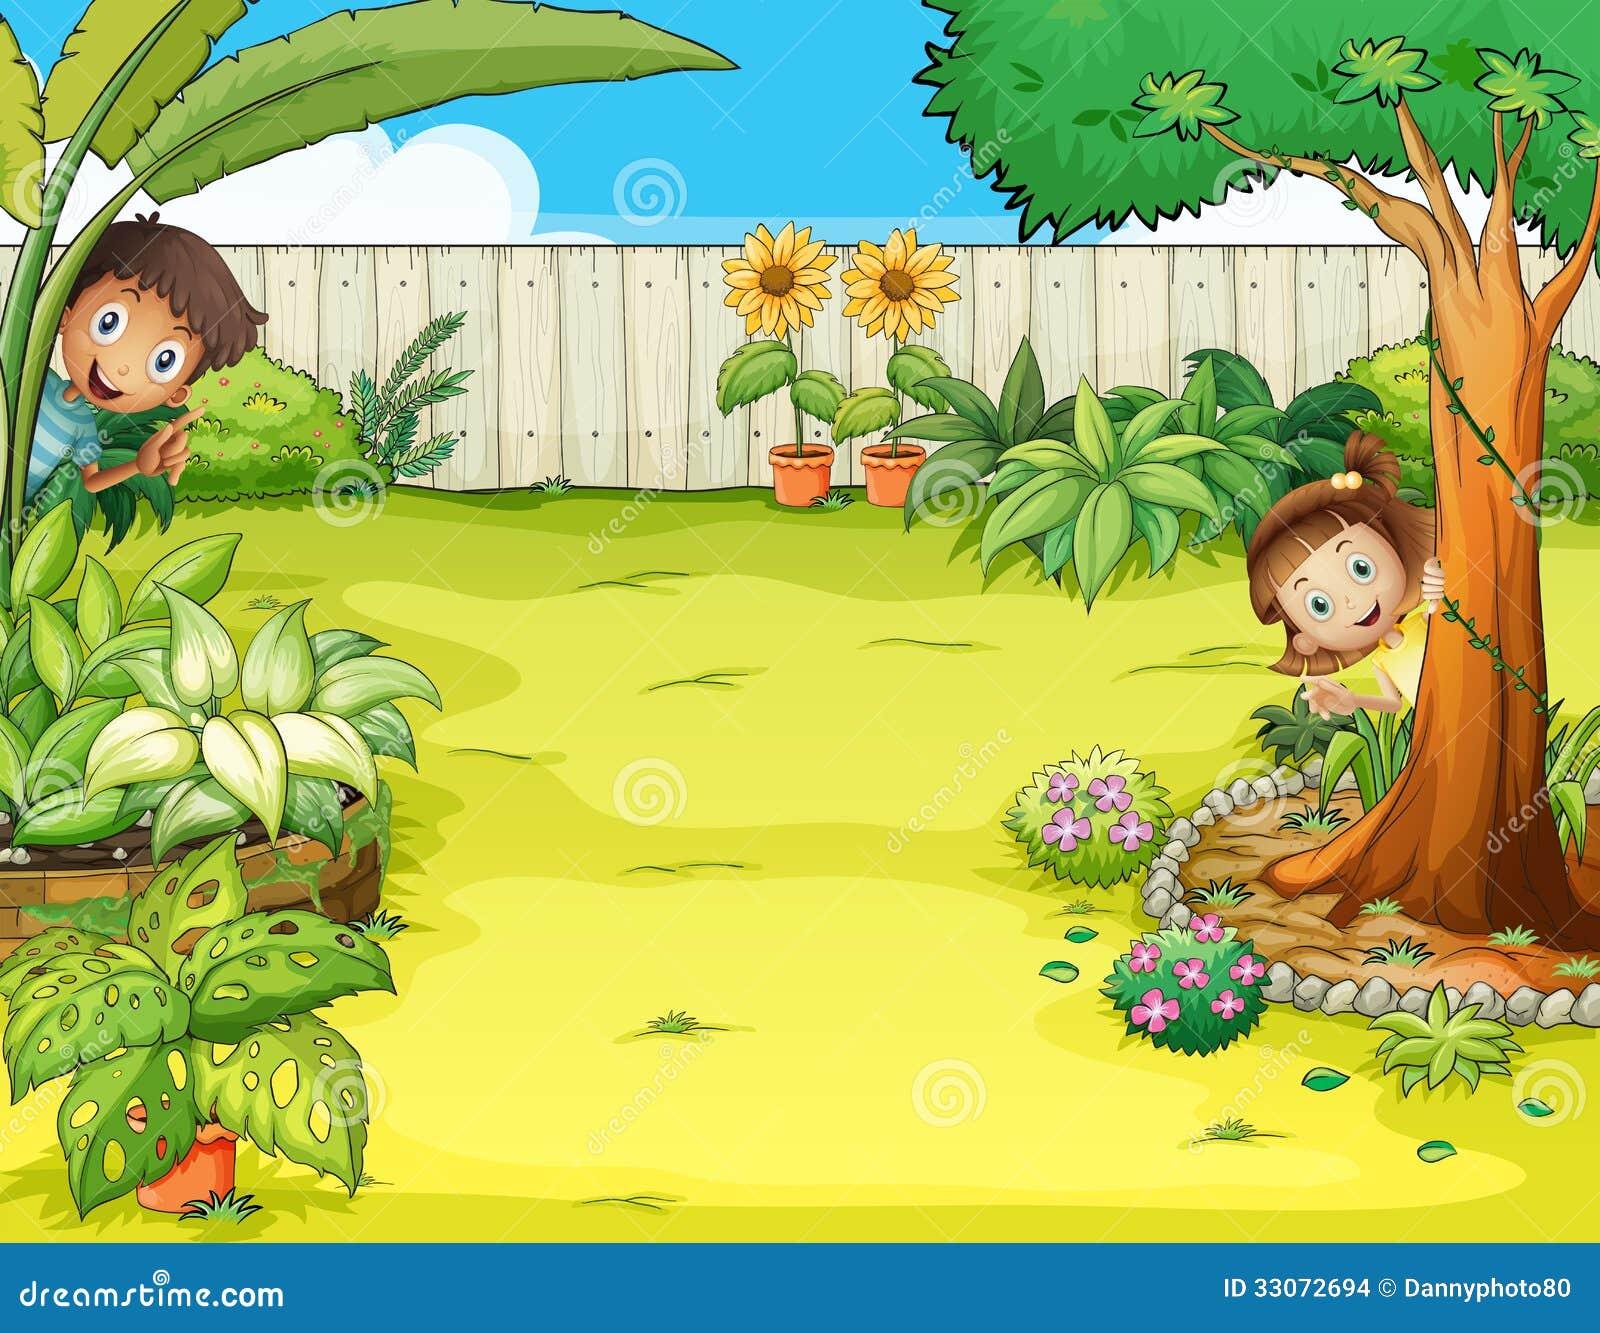 a boy and a girl hiding in the garden stock vector